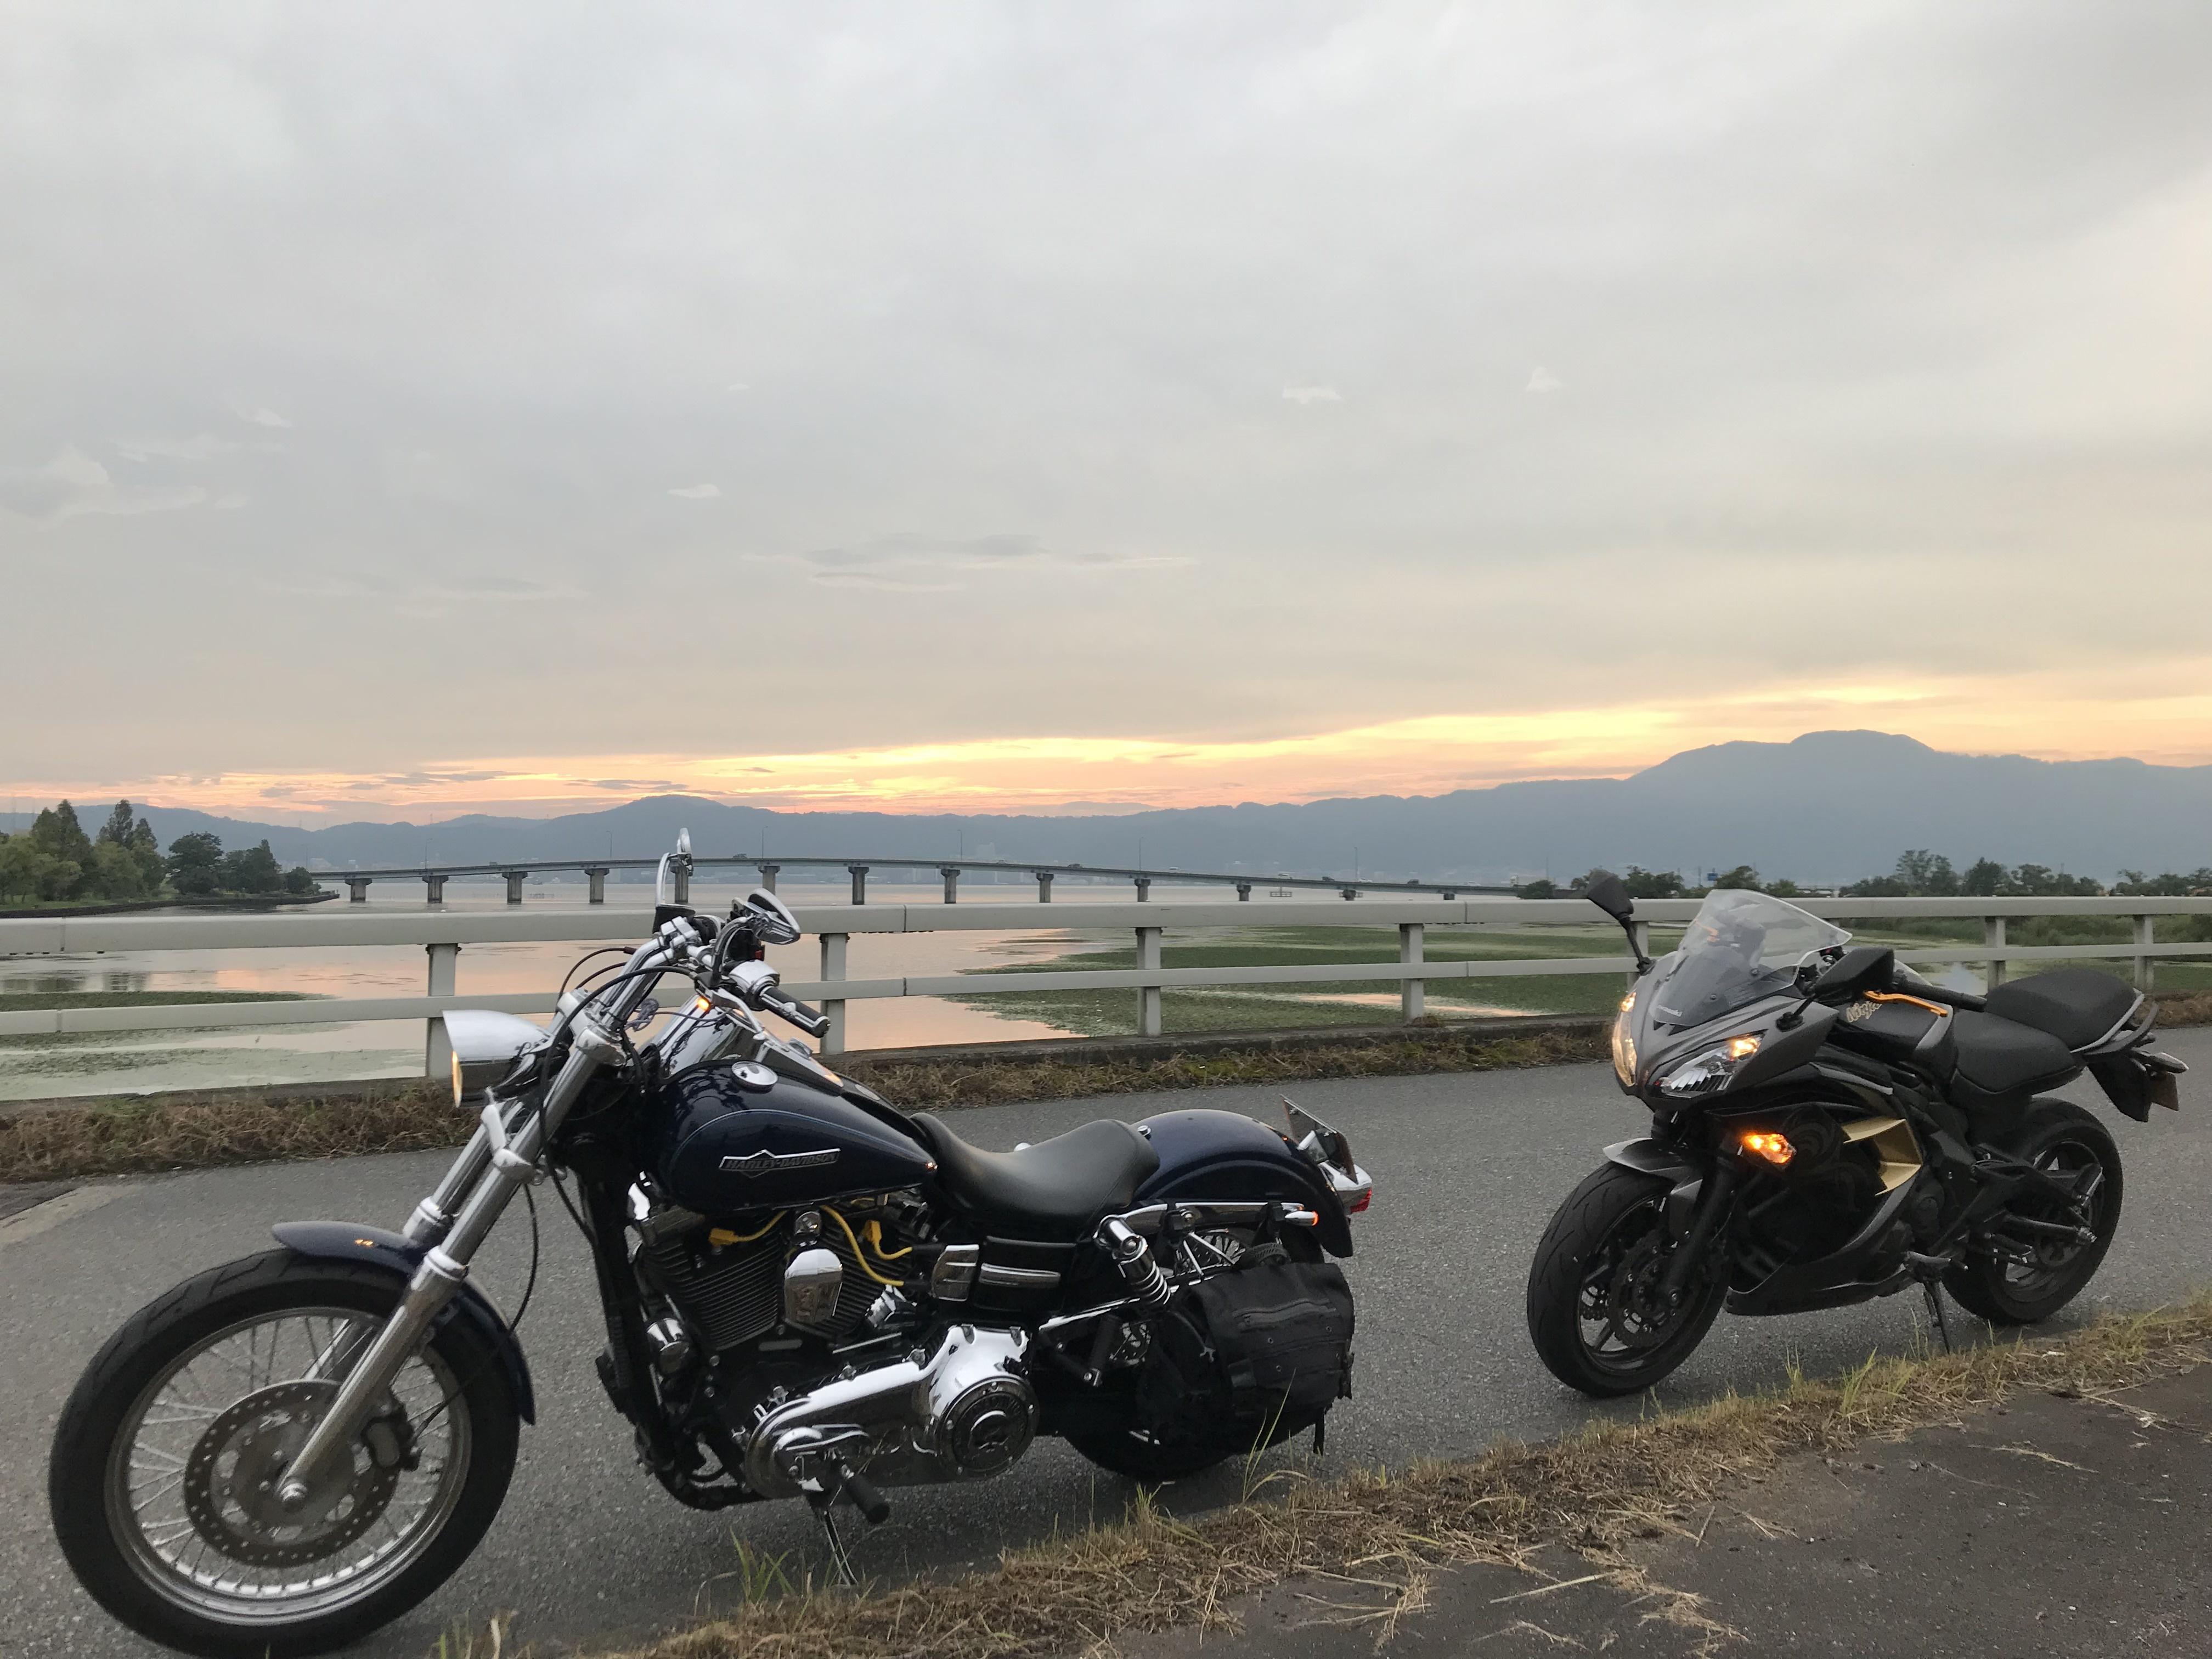 ハーレーダイナとカワサキで行く近江八幡ツーリング 夕焼け